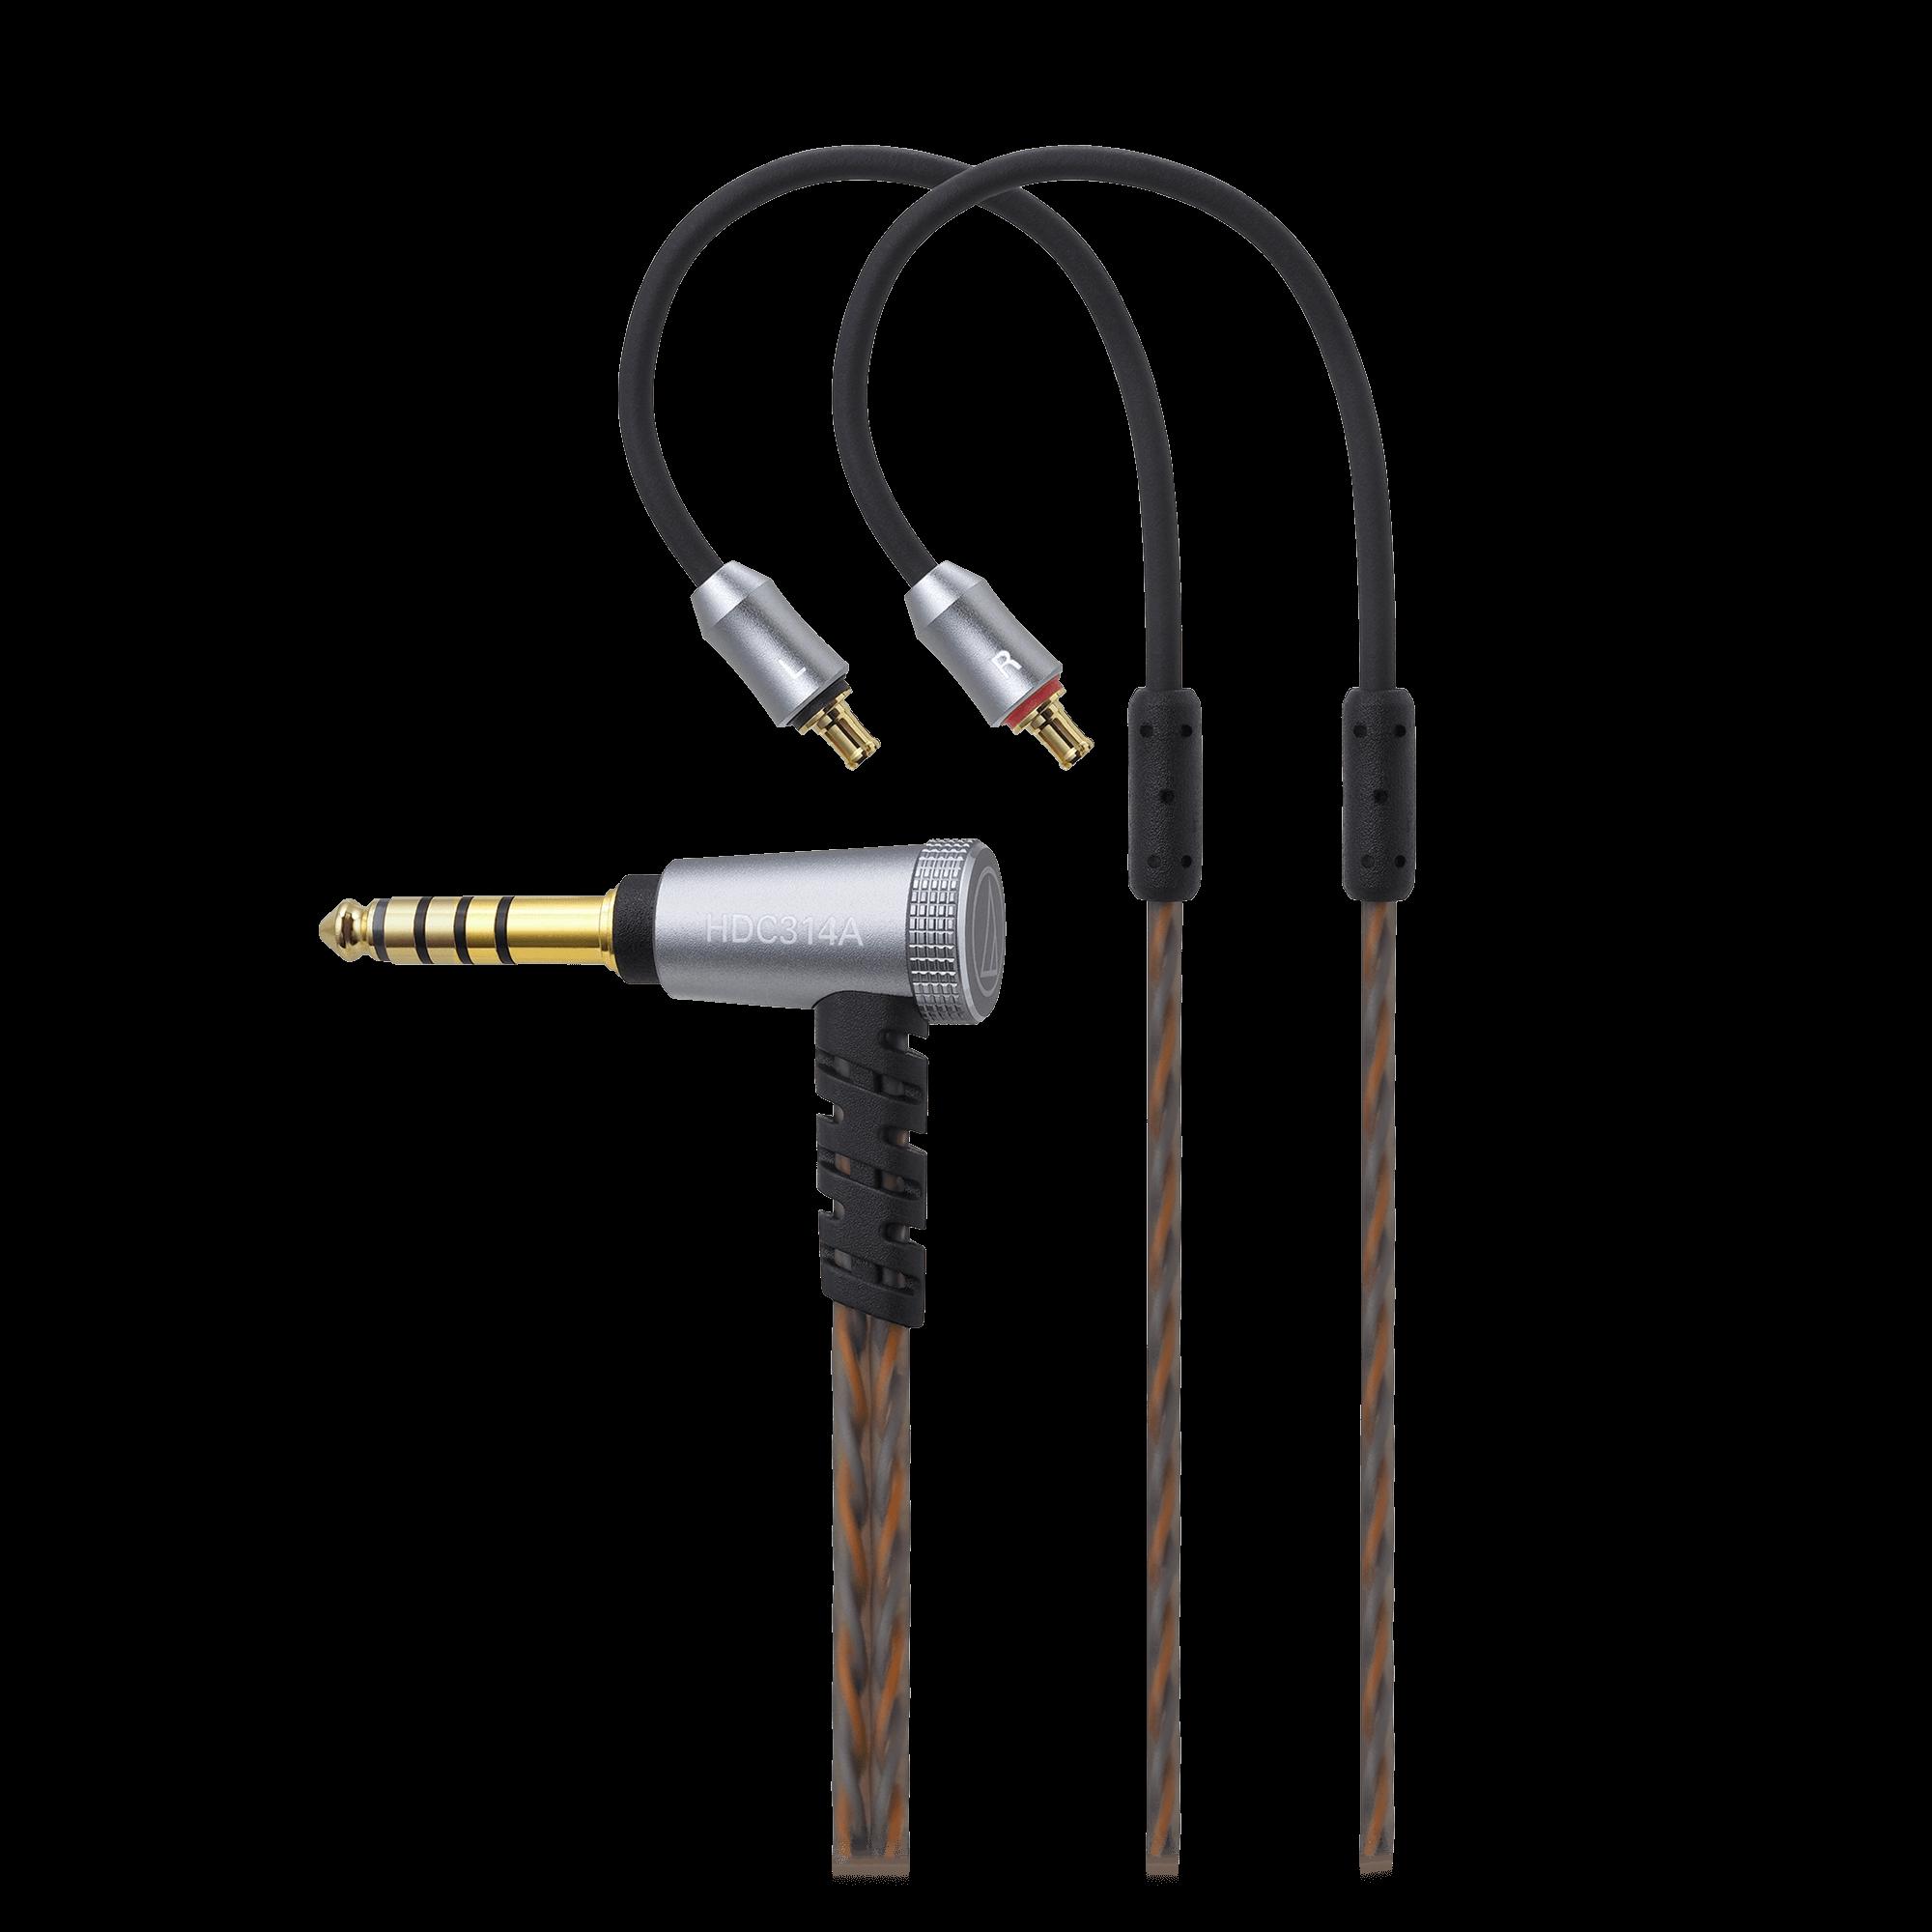 Cáp Audio Technica HDC314A/1.2